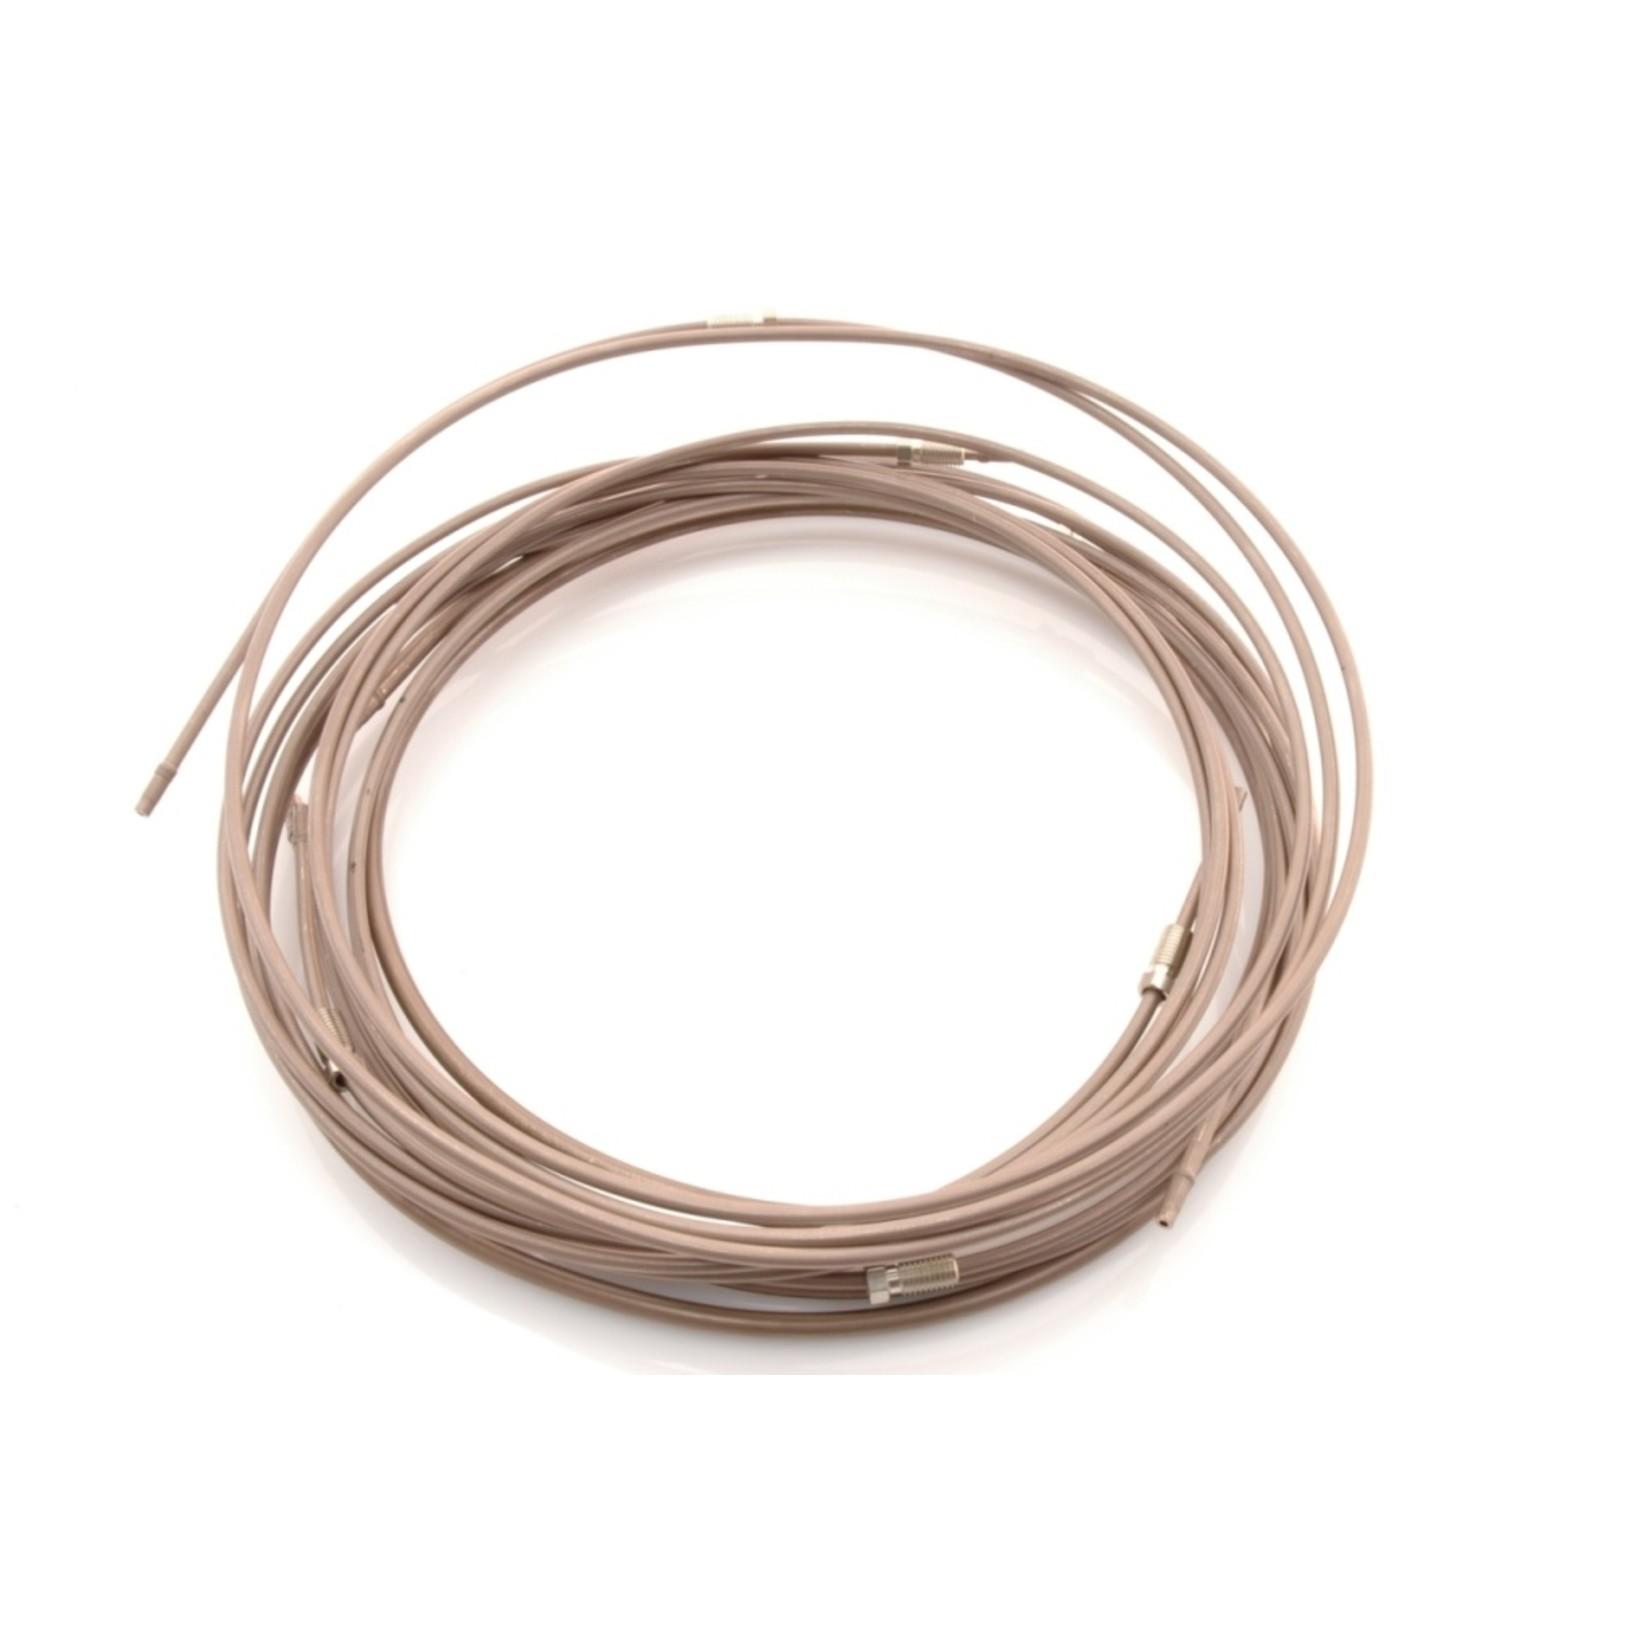 Canalisation avant - arrière cuivre 69- 4 x 4,5mm Nr Org: DX39425